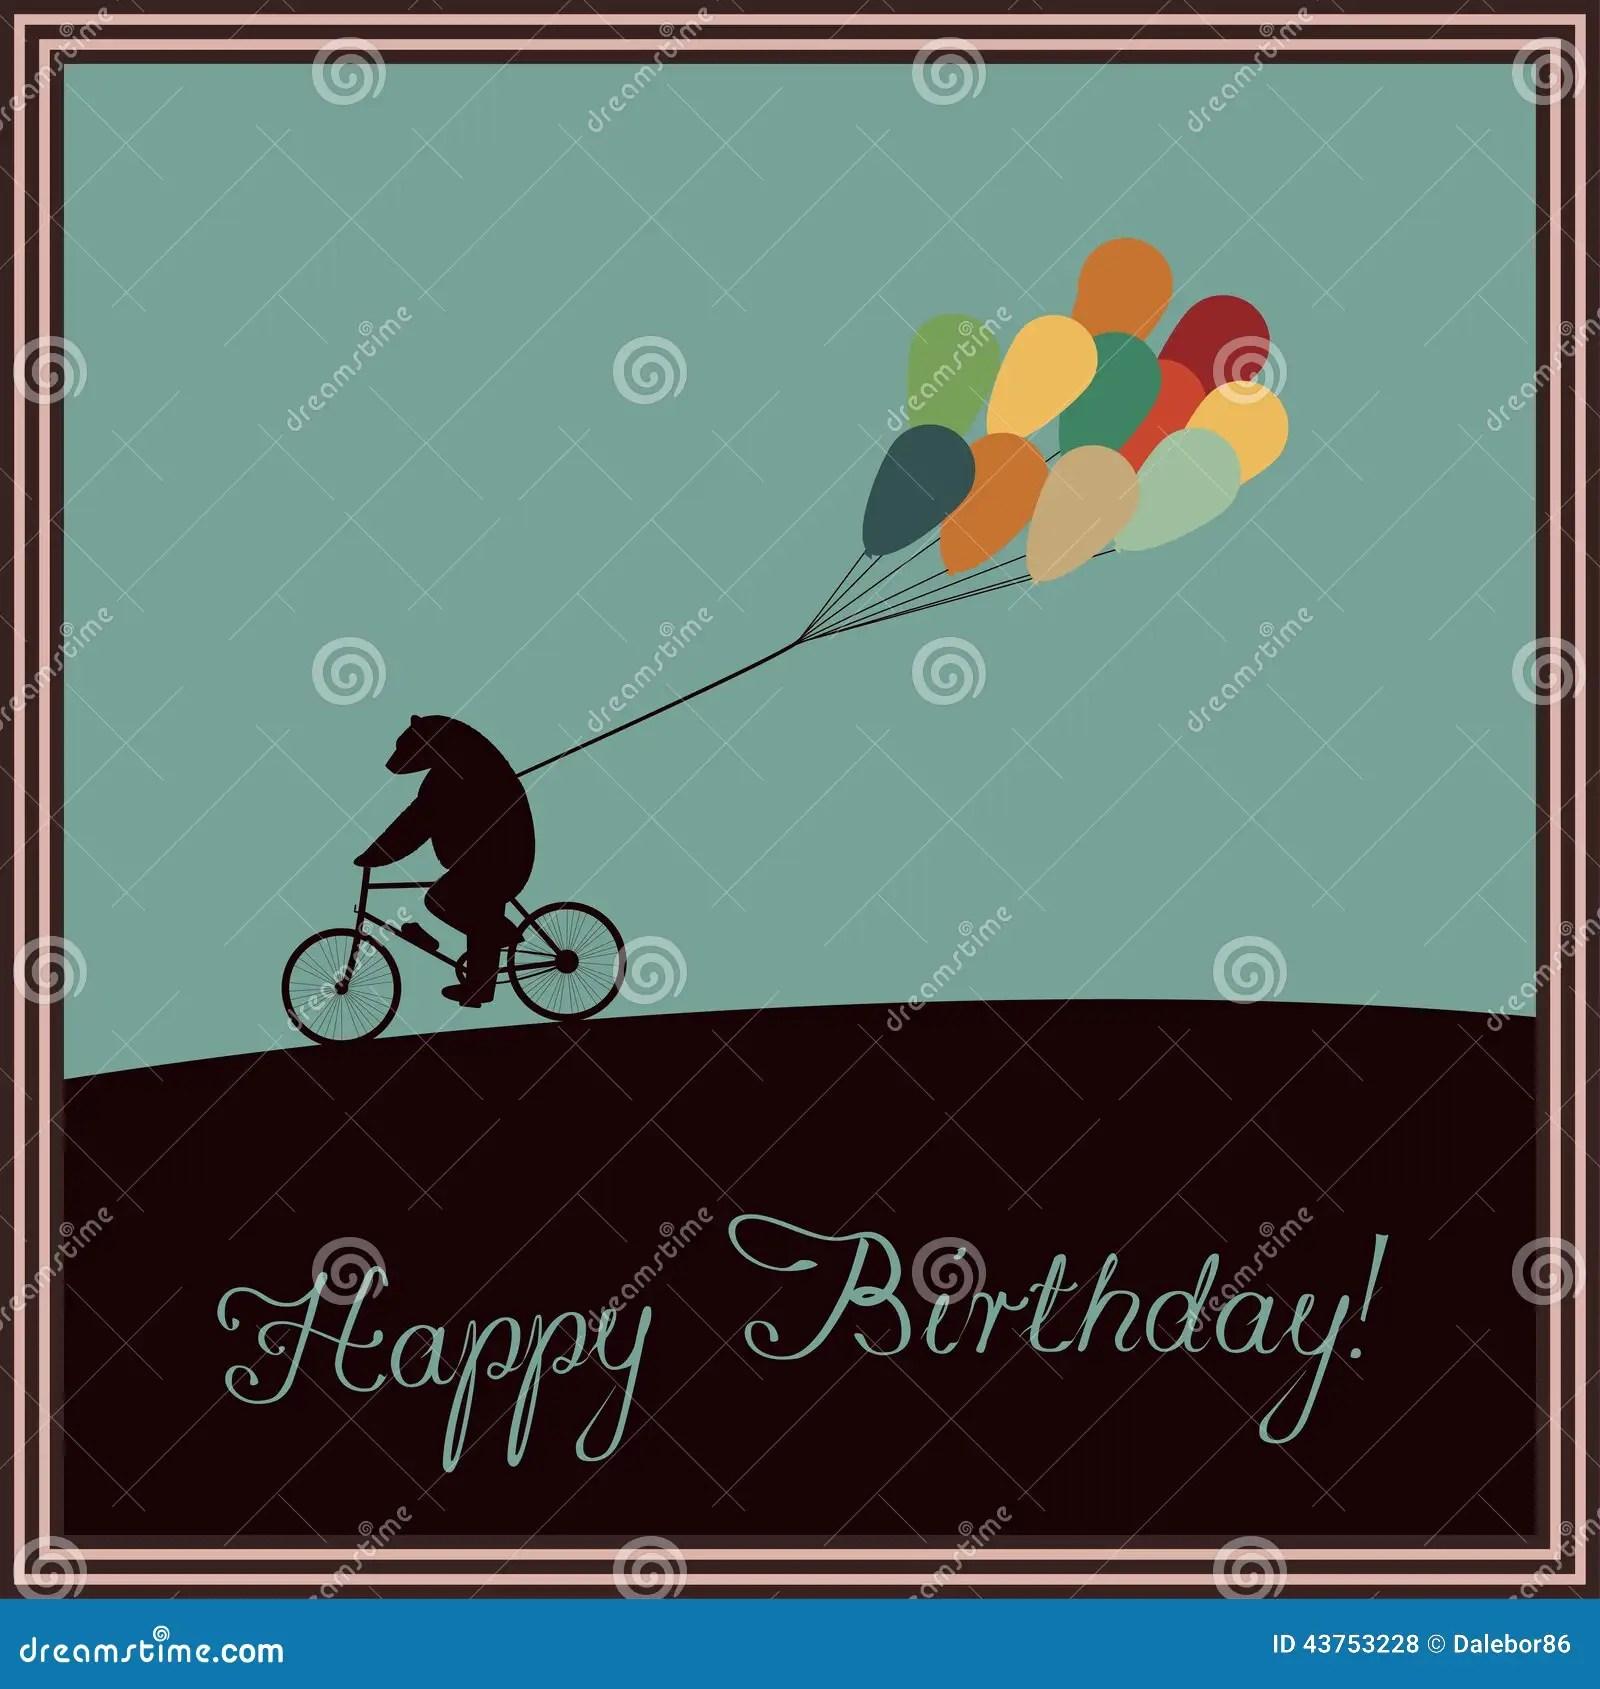 Happy Birthday Stock Vector Image 43753228